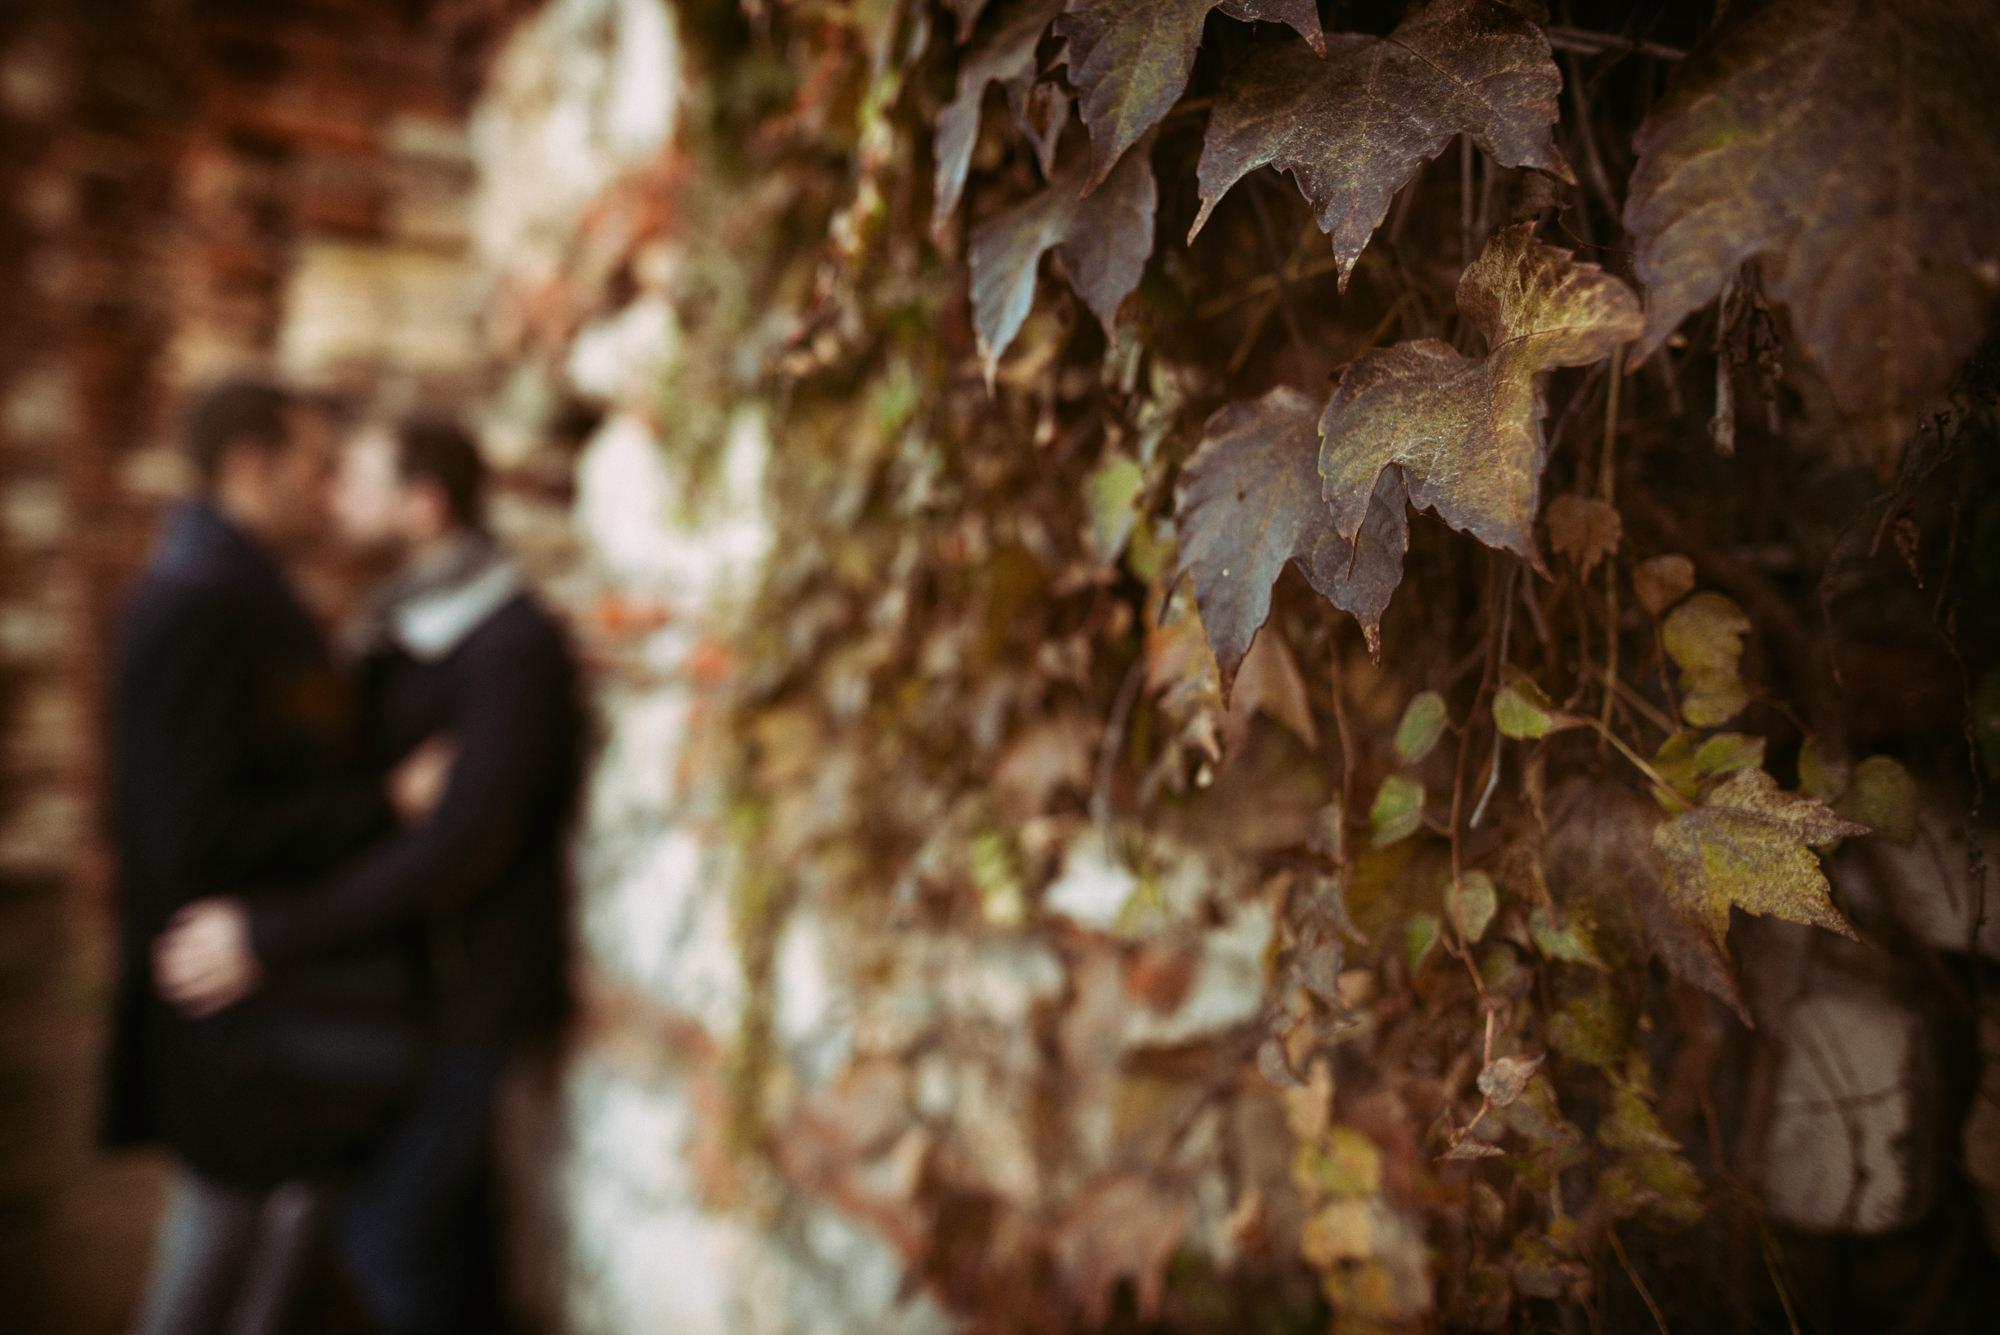 samesex couple photos italy 023 - Same-Sex Couple Photos Italy - Luca & Filippo